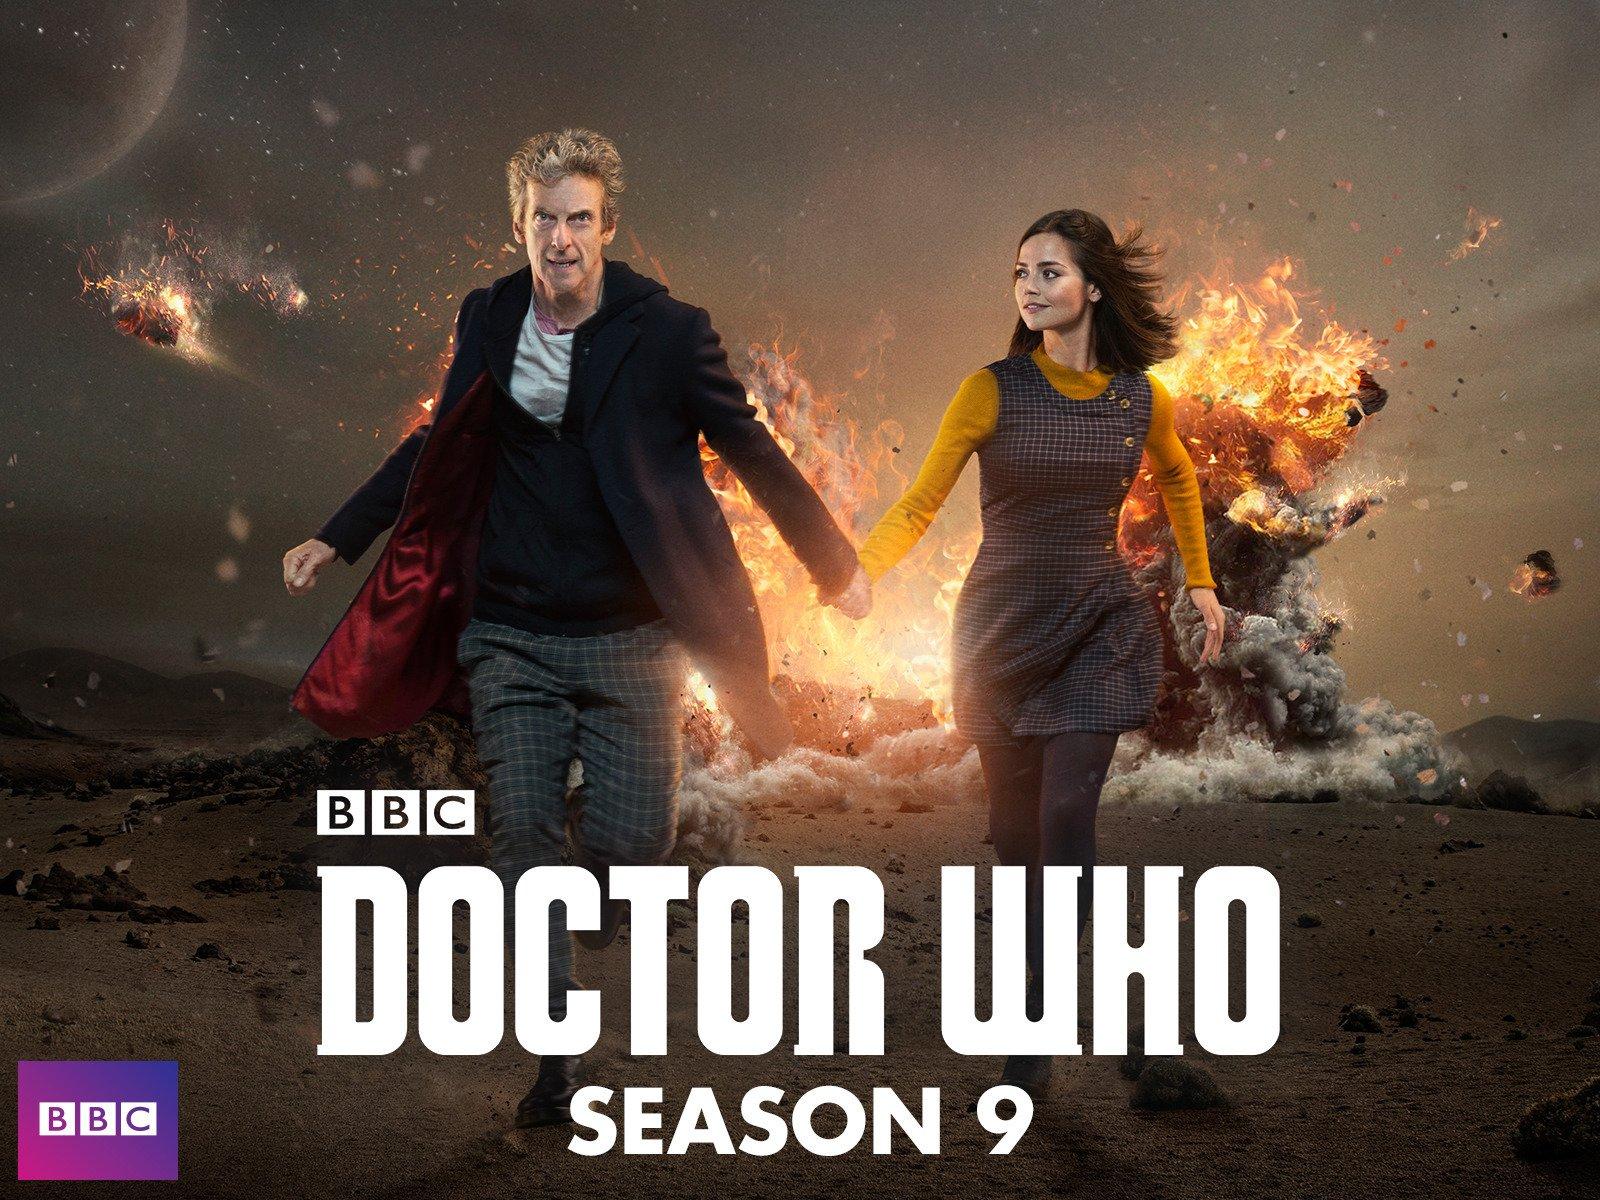 Dr Who Season 9